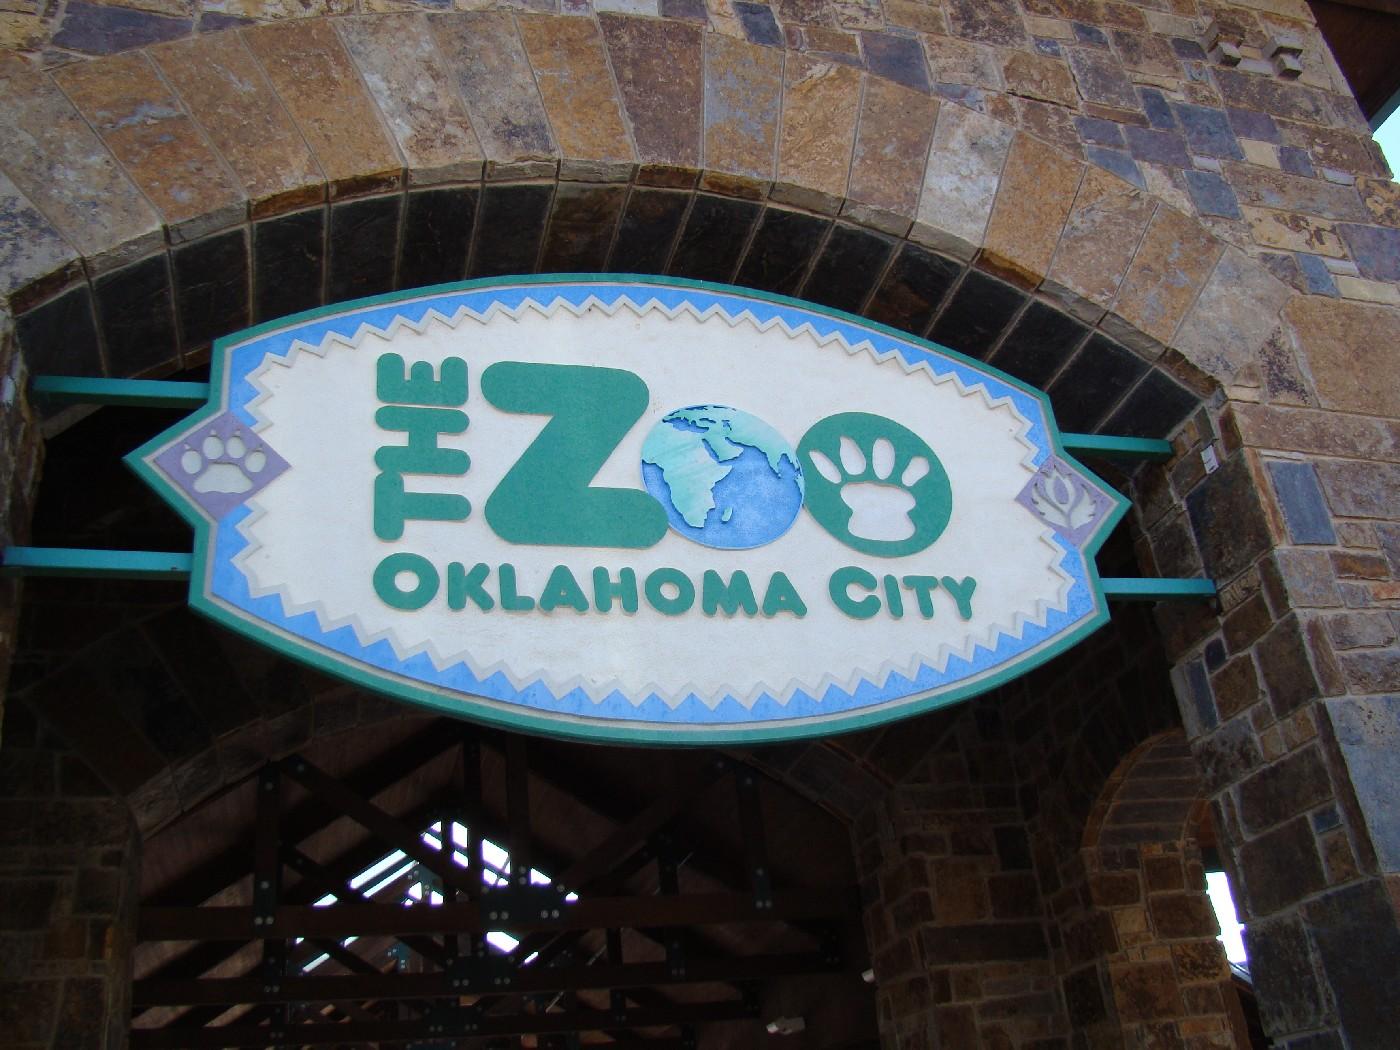 Gospel driven disciples april 2016 Oklahoma city zoo and botanical garden